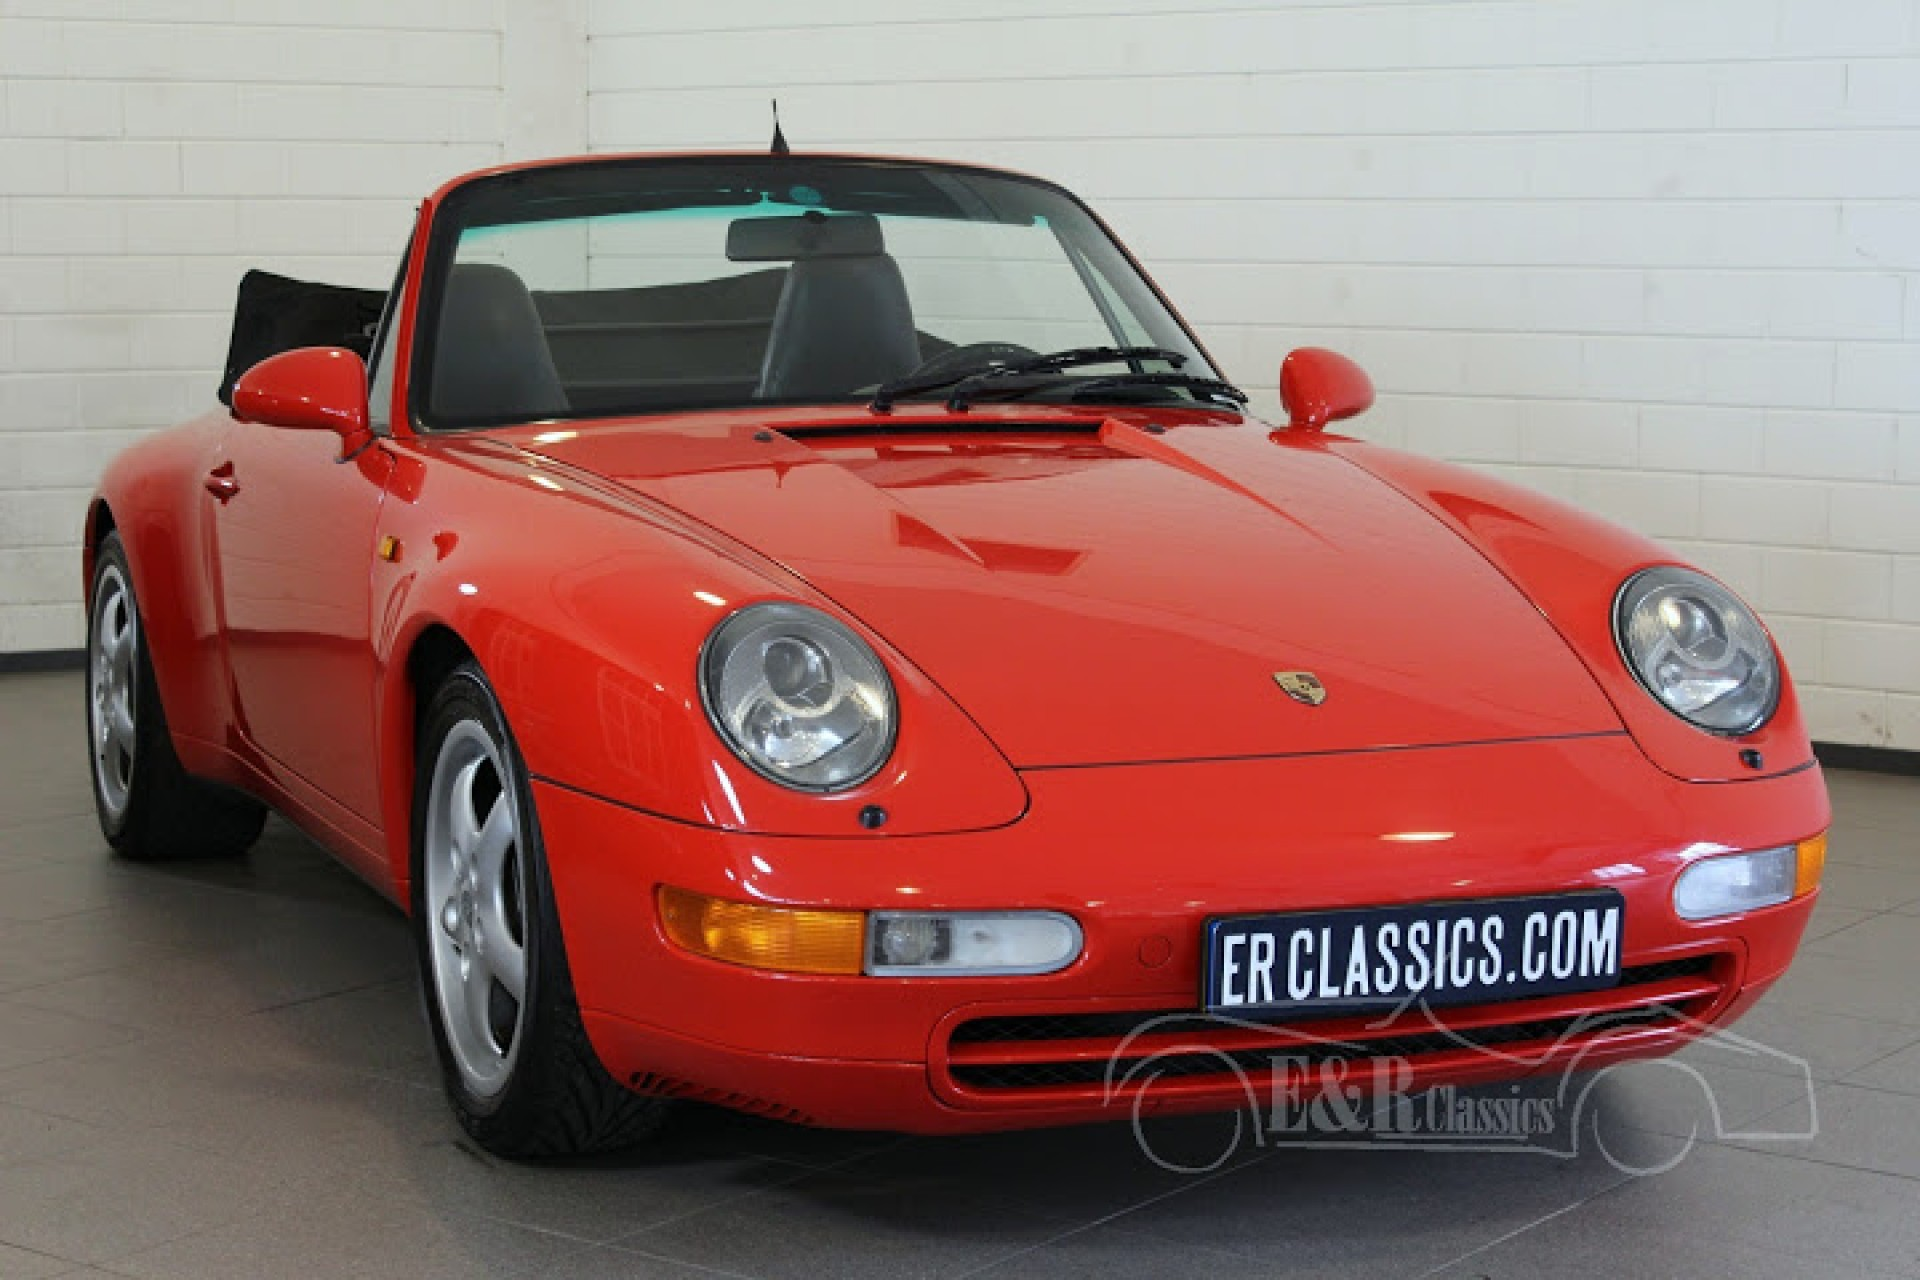 Porsche Classic Cars | Porsche oldtimers for sale at E & R